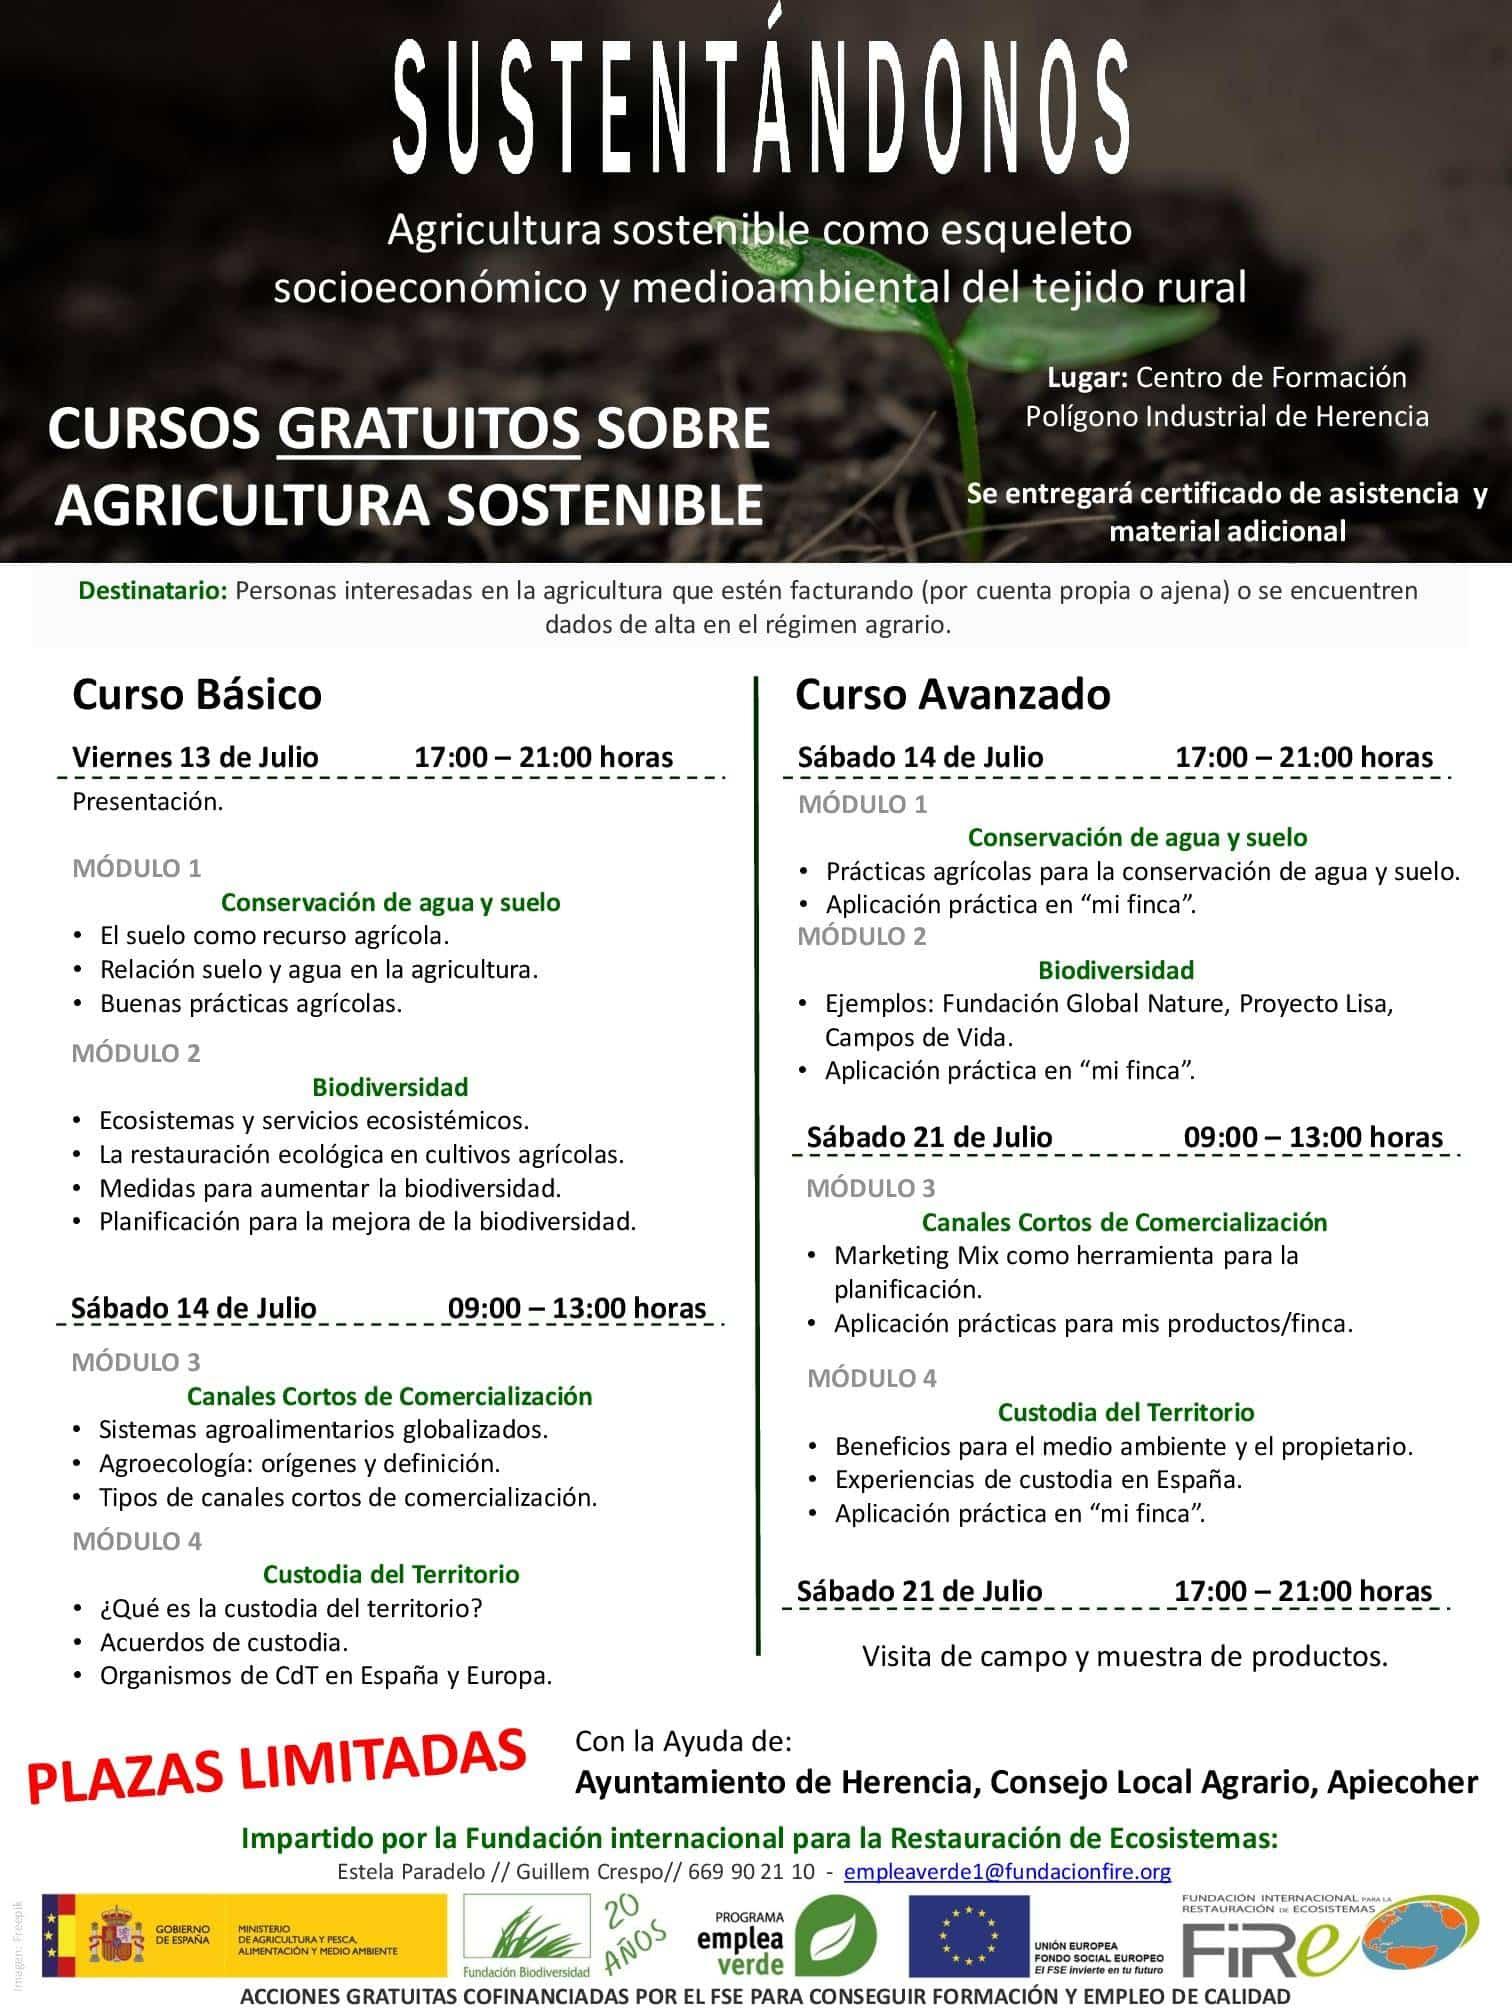 Programa de contenidos curso en Herencia - Cursos gratuitos sobre agricultura sostenible en Herencia